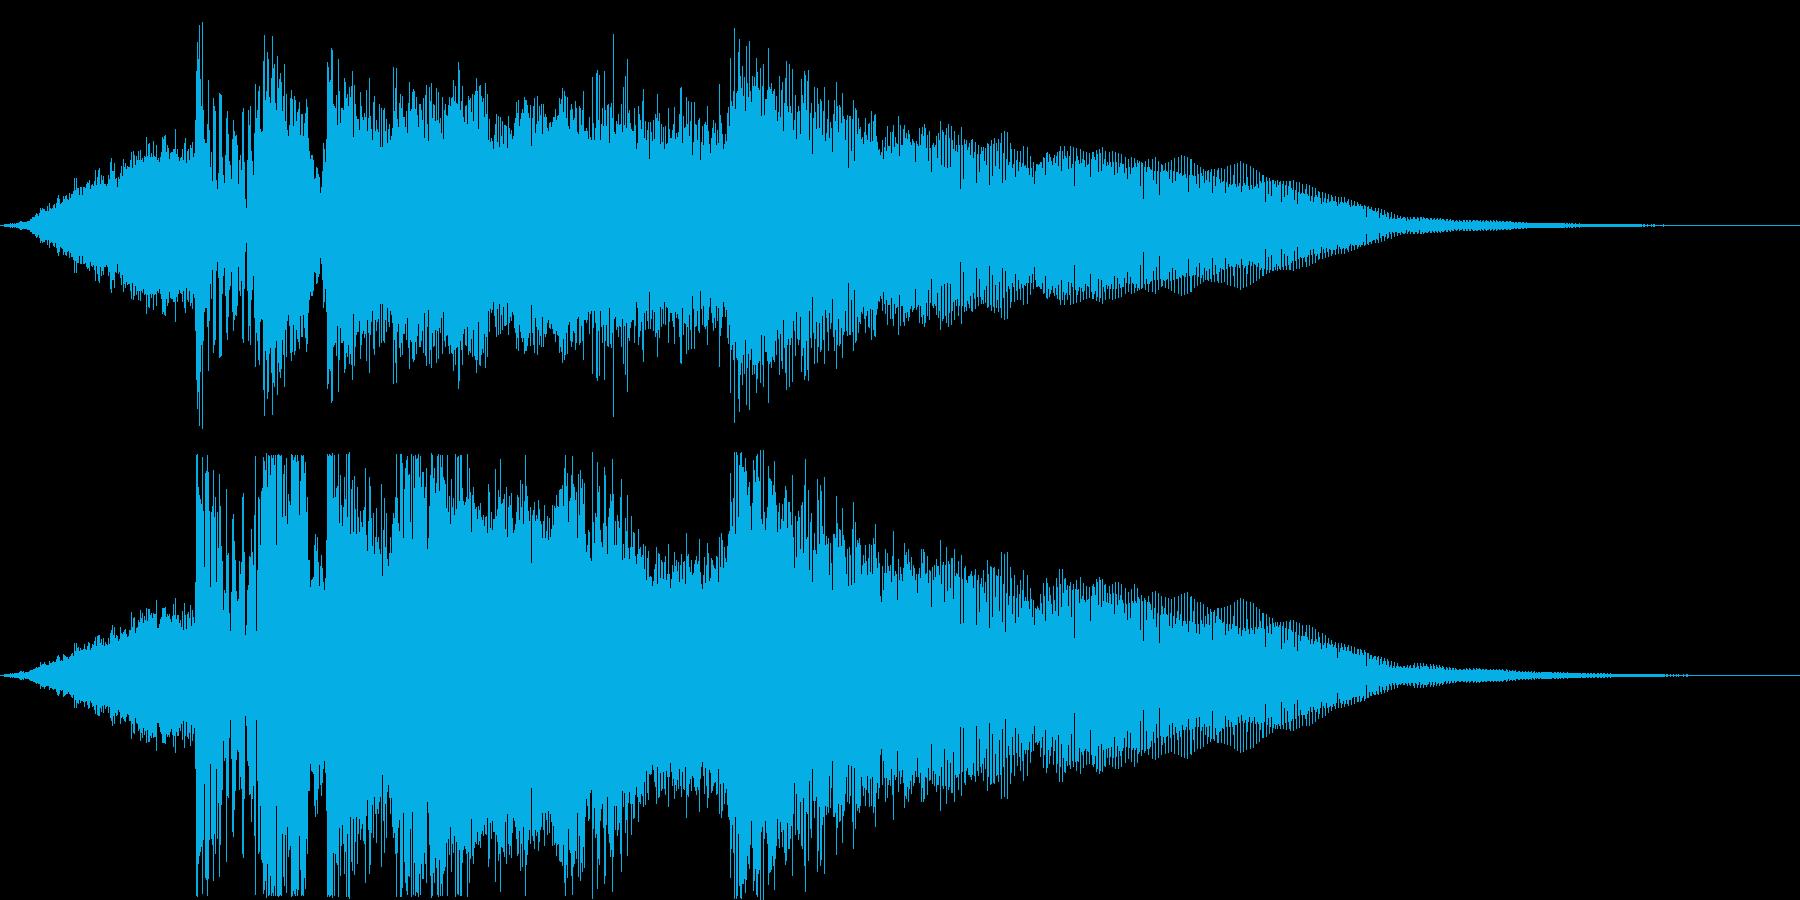 レニー・クラヴィッツなどのスタイル...の再生済みの波形